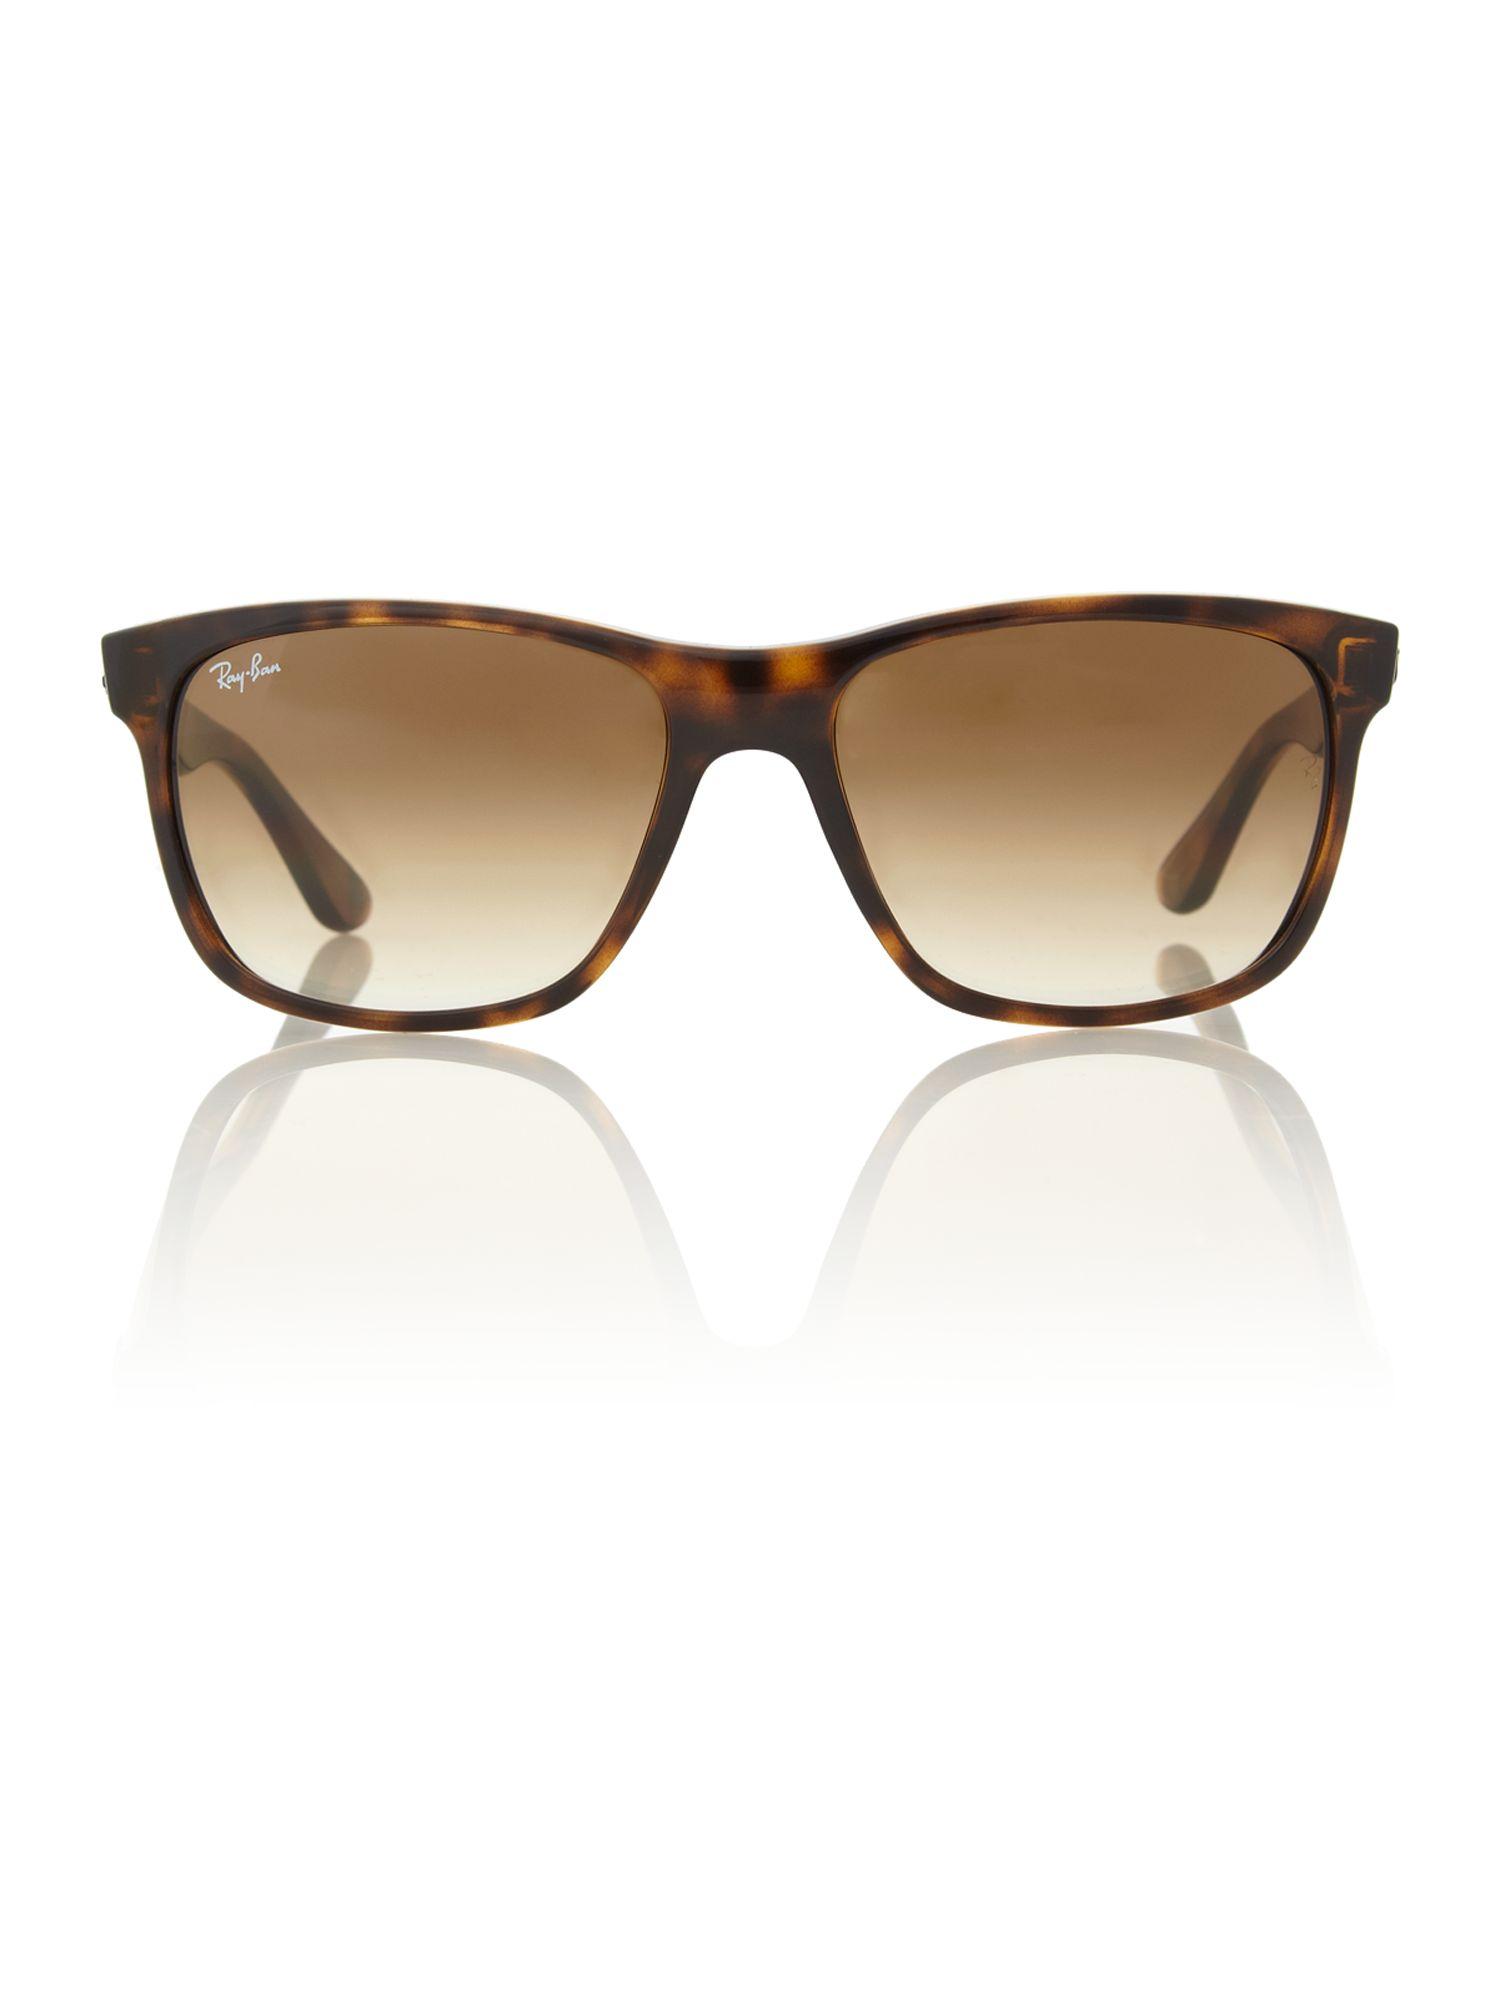 Havana Ray Ban Sunglasses  ray ban havana sunglasses atlantabeadgallery